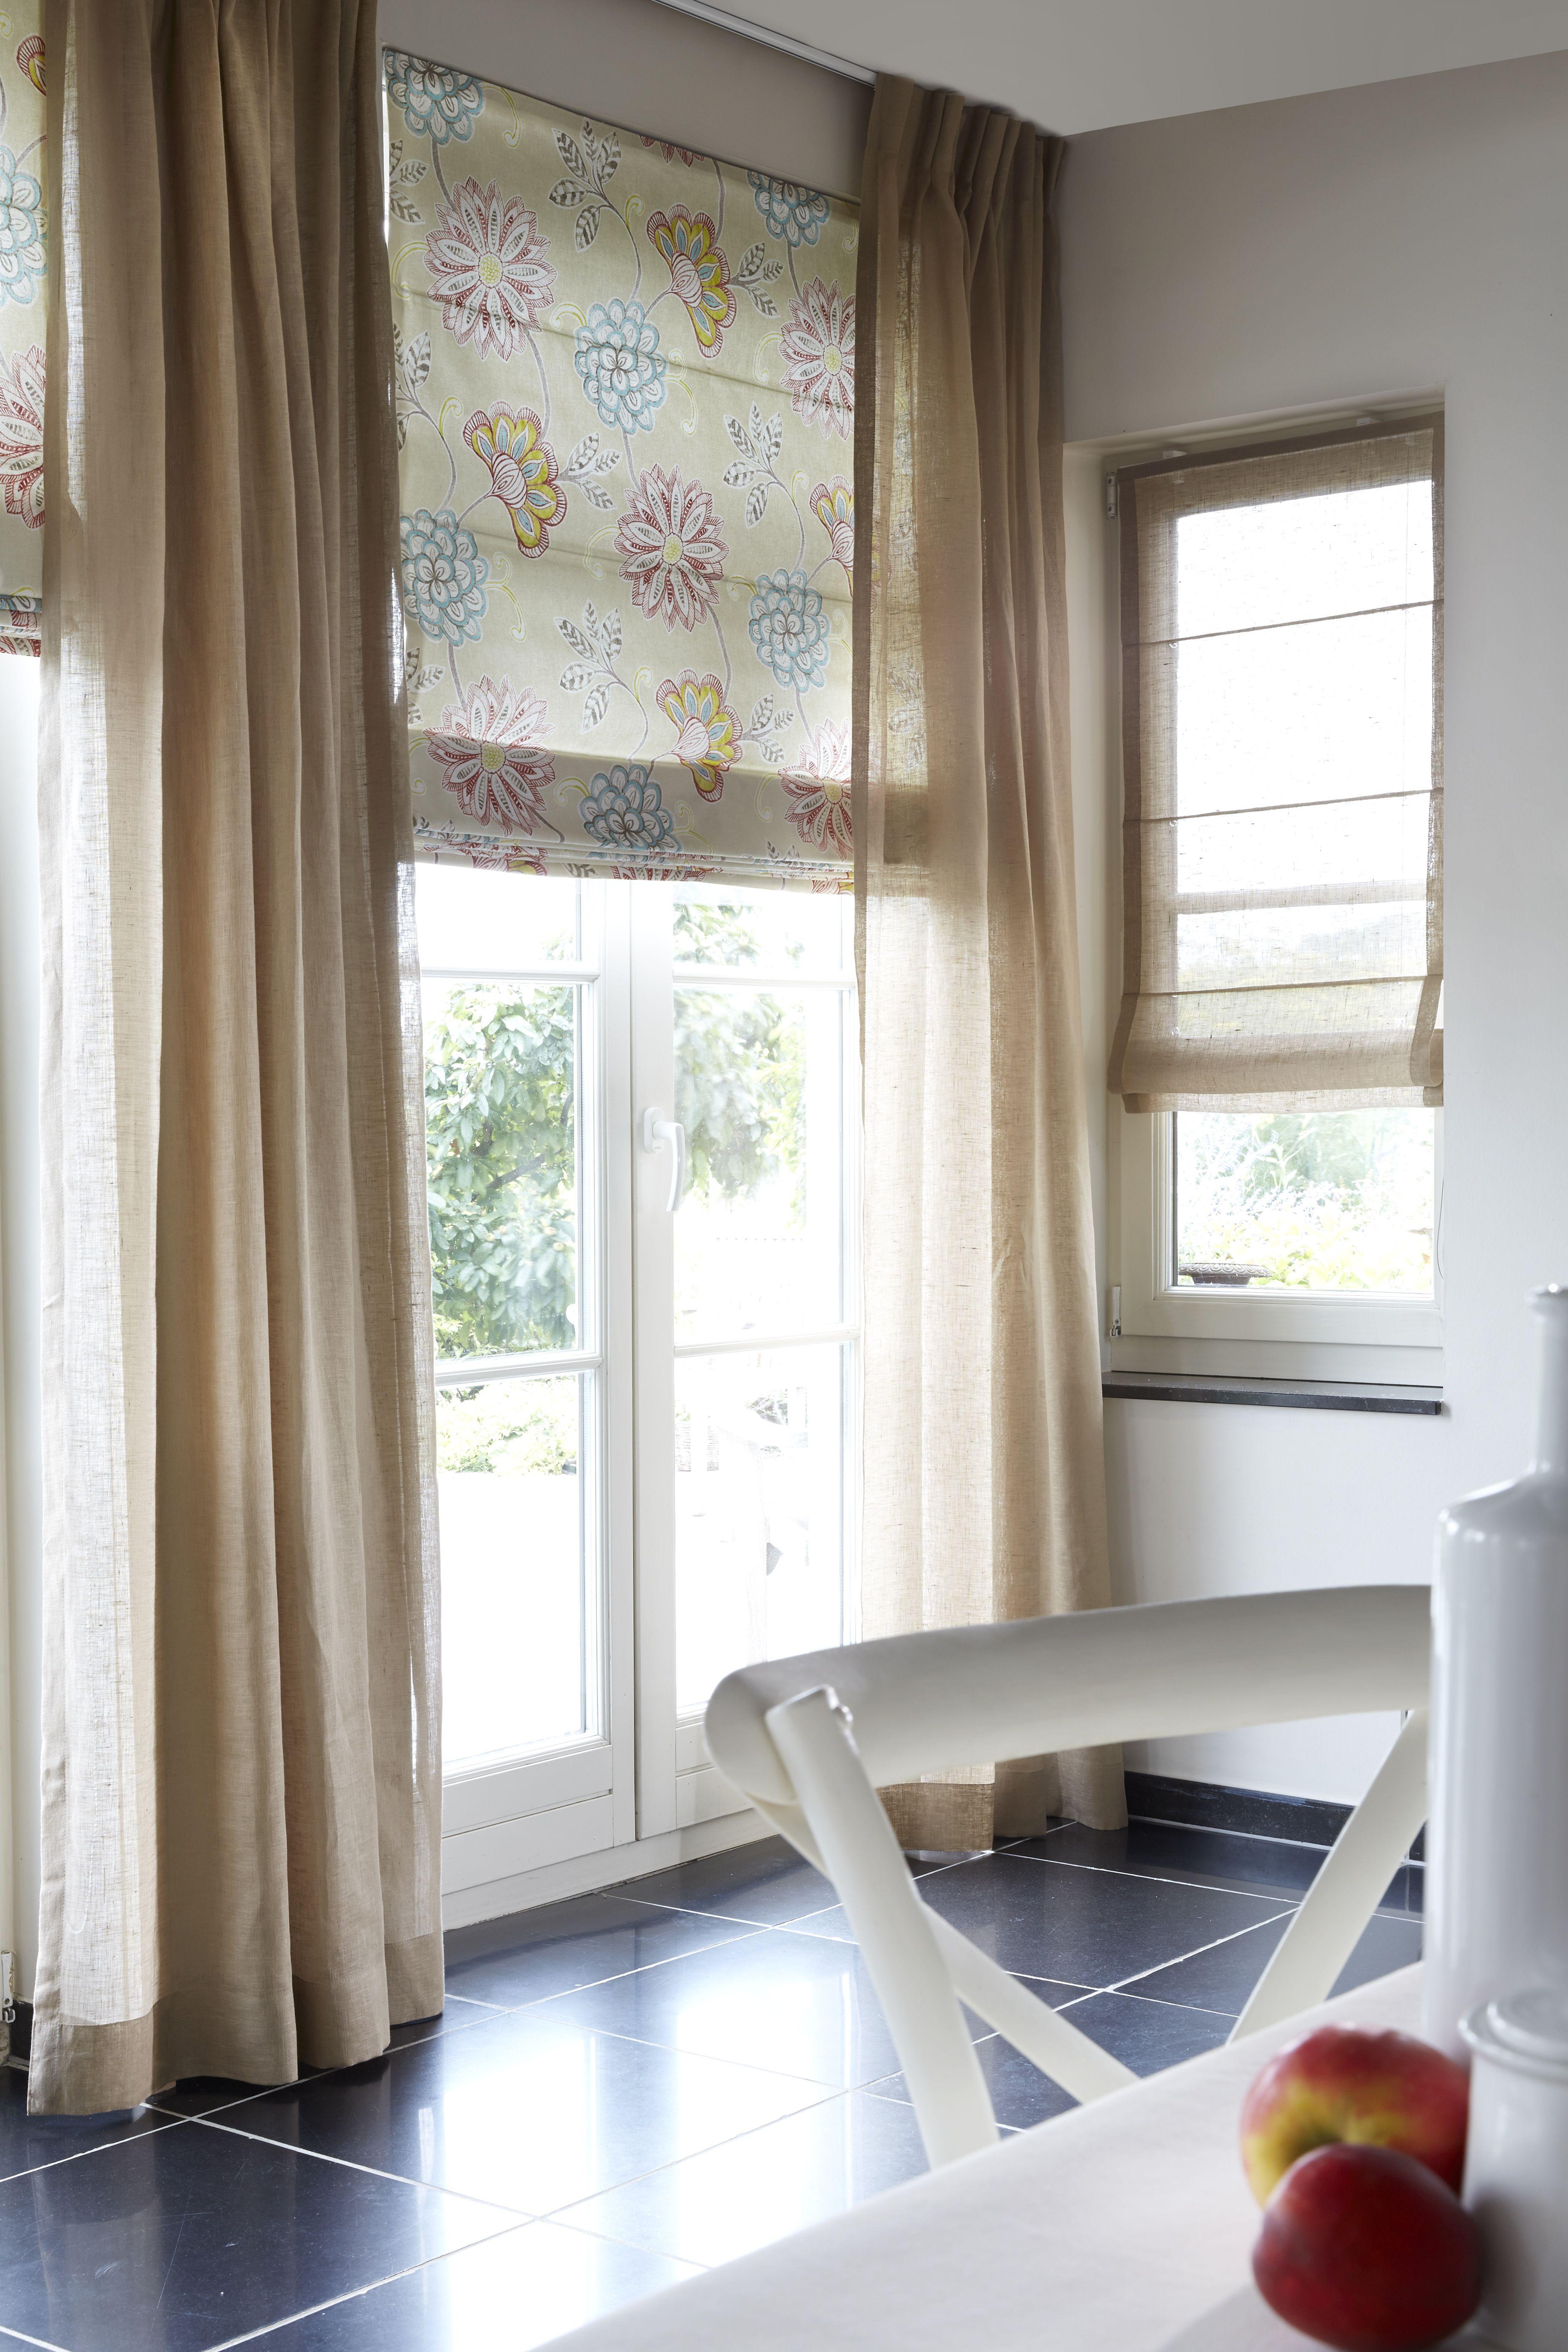 chez vous maison rideaux deco rideau et rideaux heytens. Black Bedroom Furniture Sets. Home Design Ideas